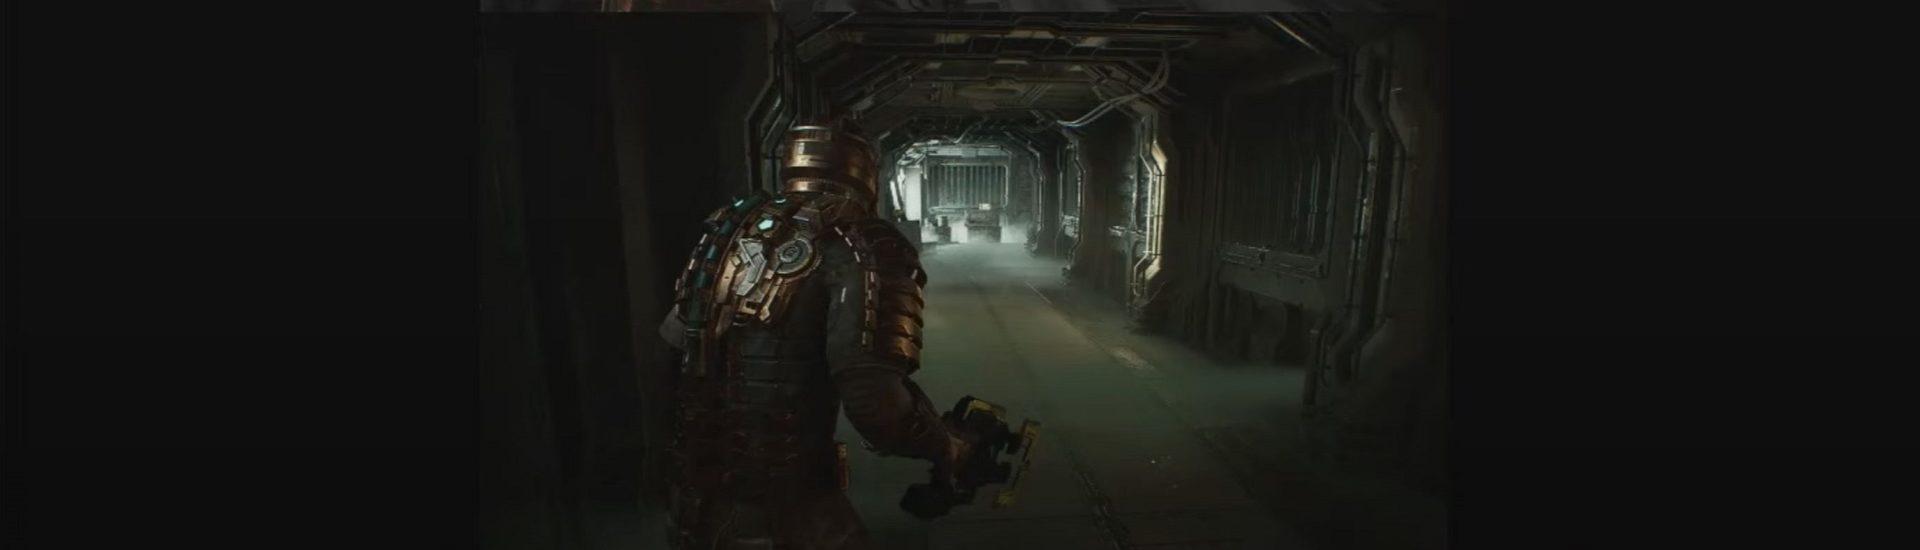 Dead Space: Gruseliges Gameplay macht Lust auf mehr